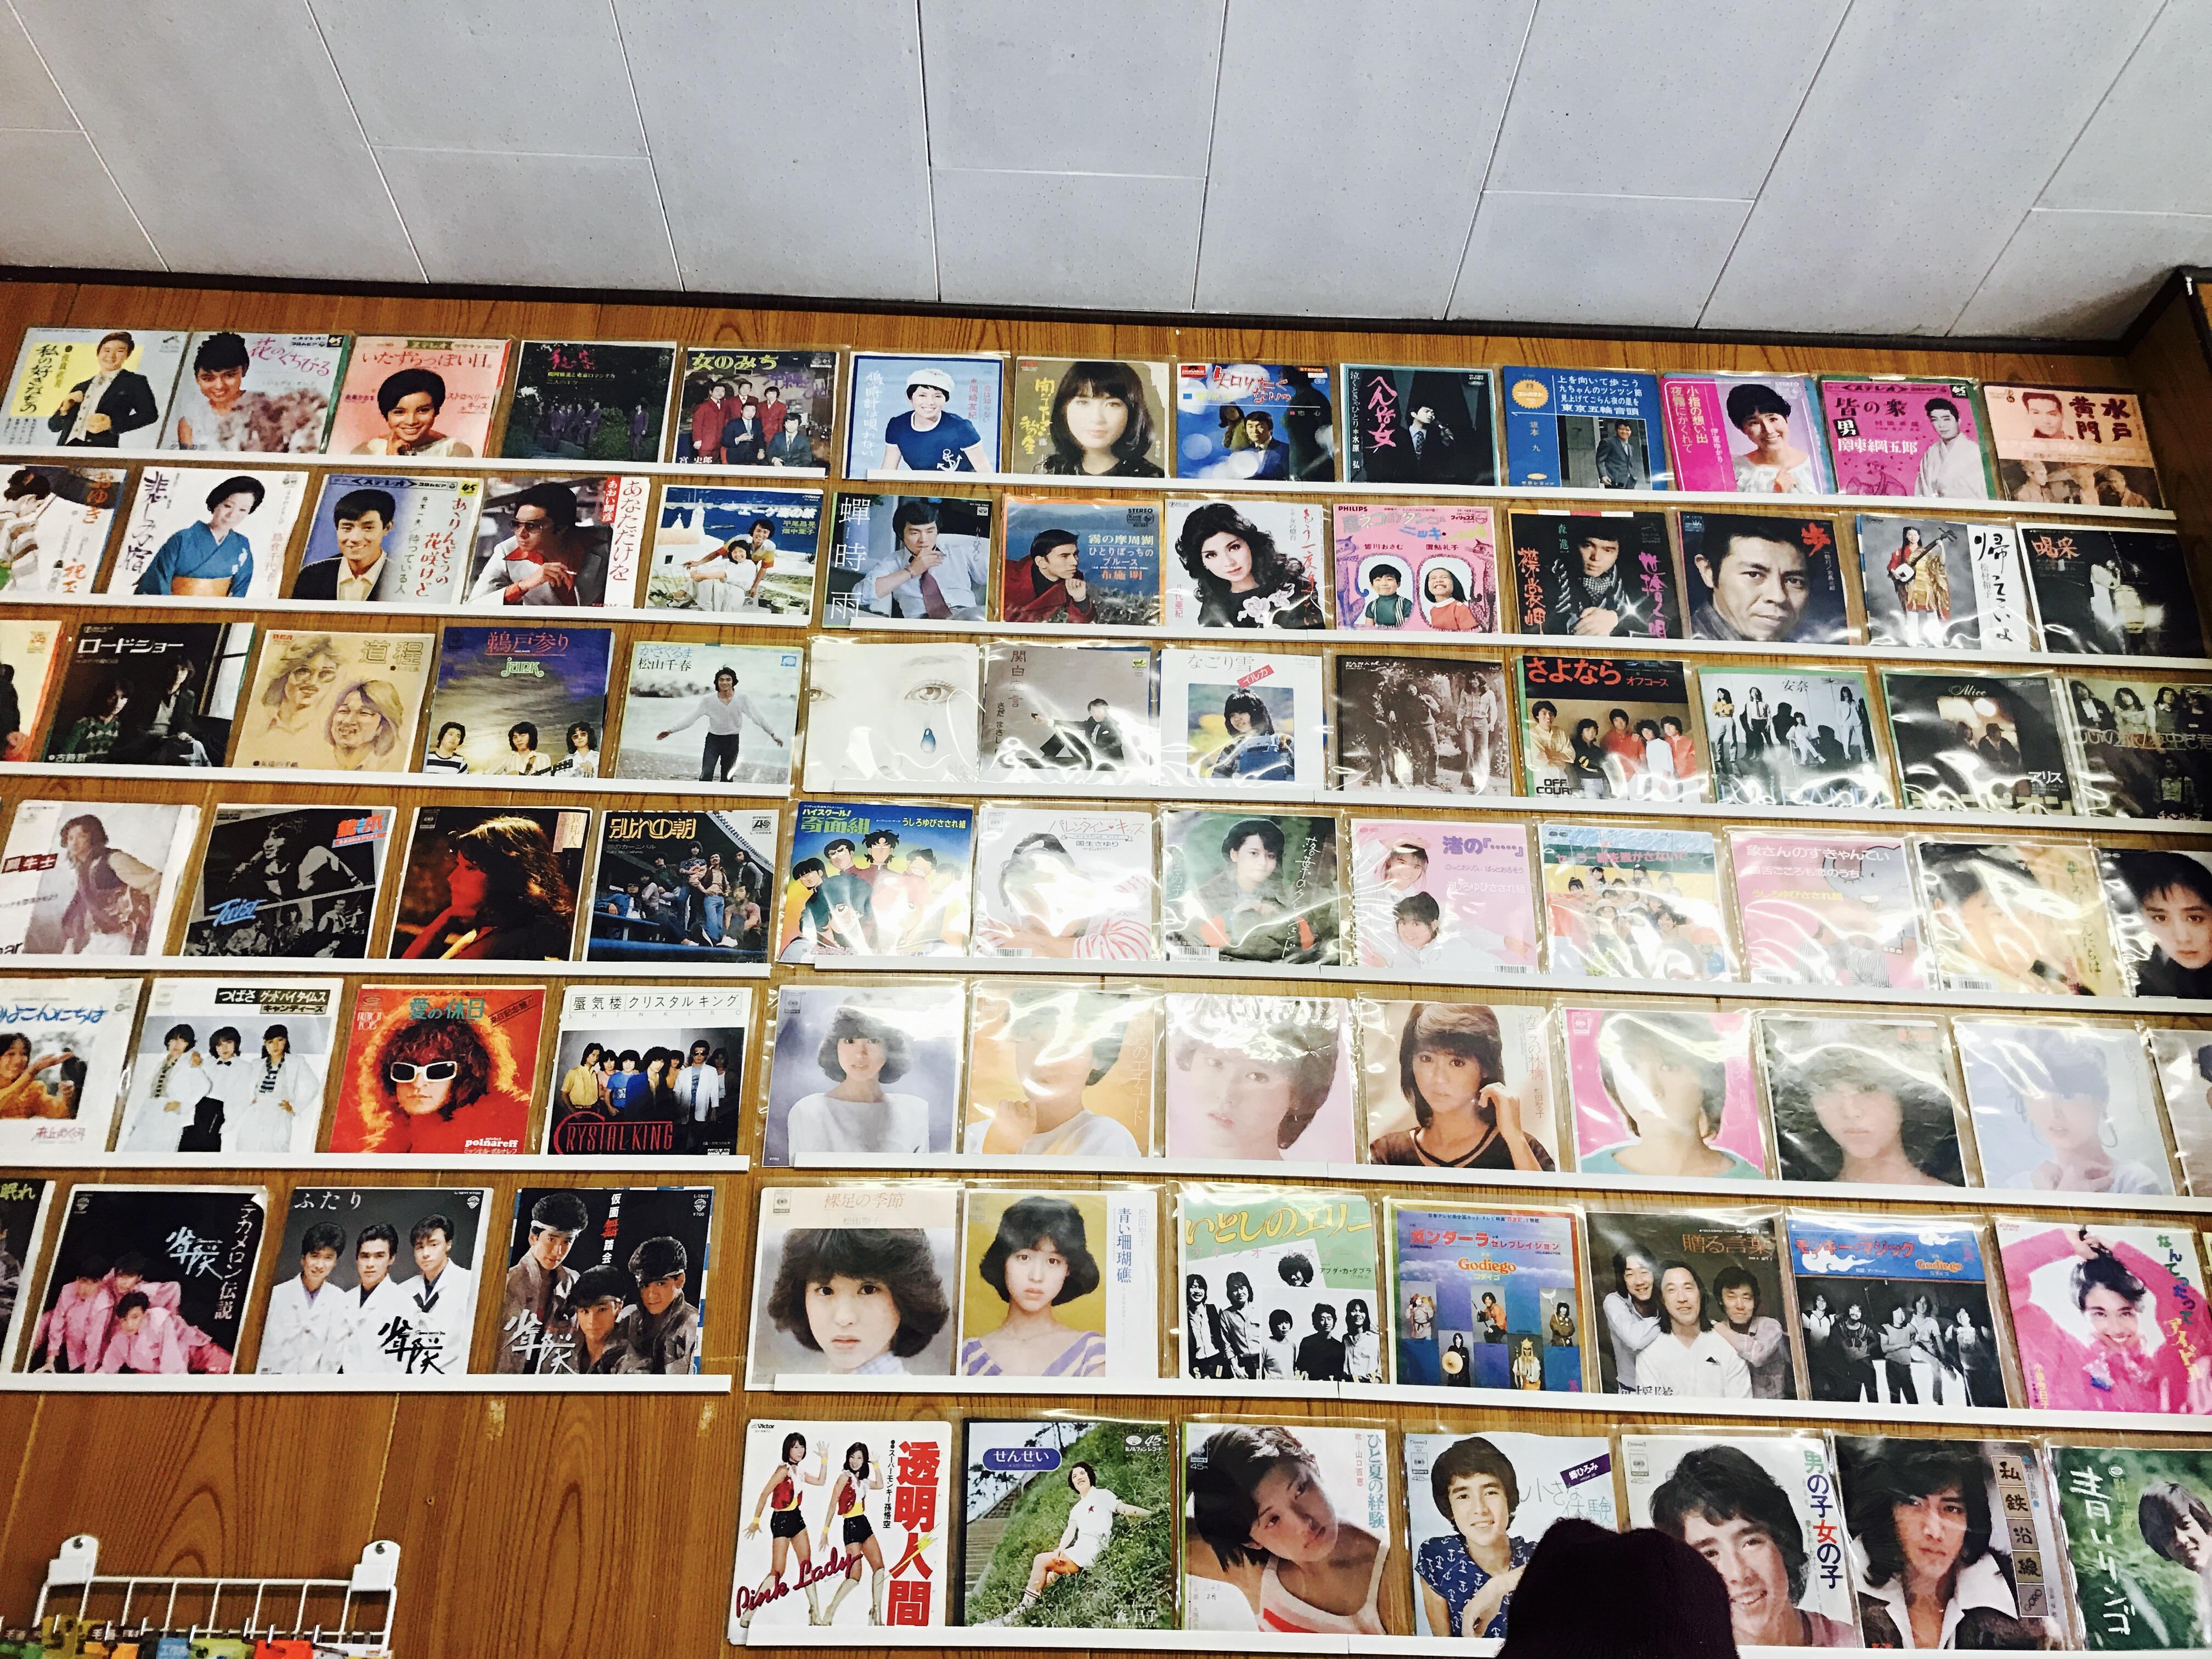 本屋食堂玉小前 阿部書店の壁のレコード